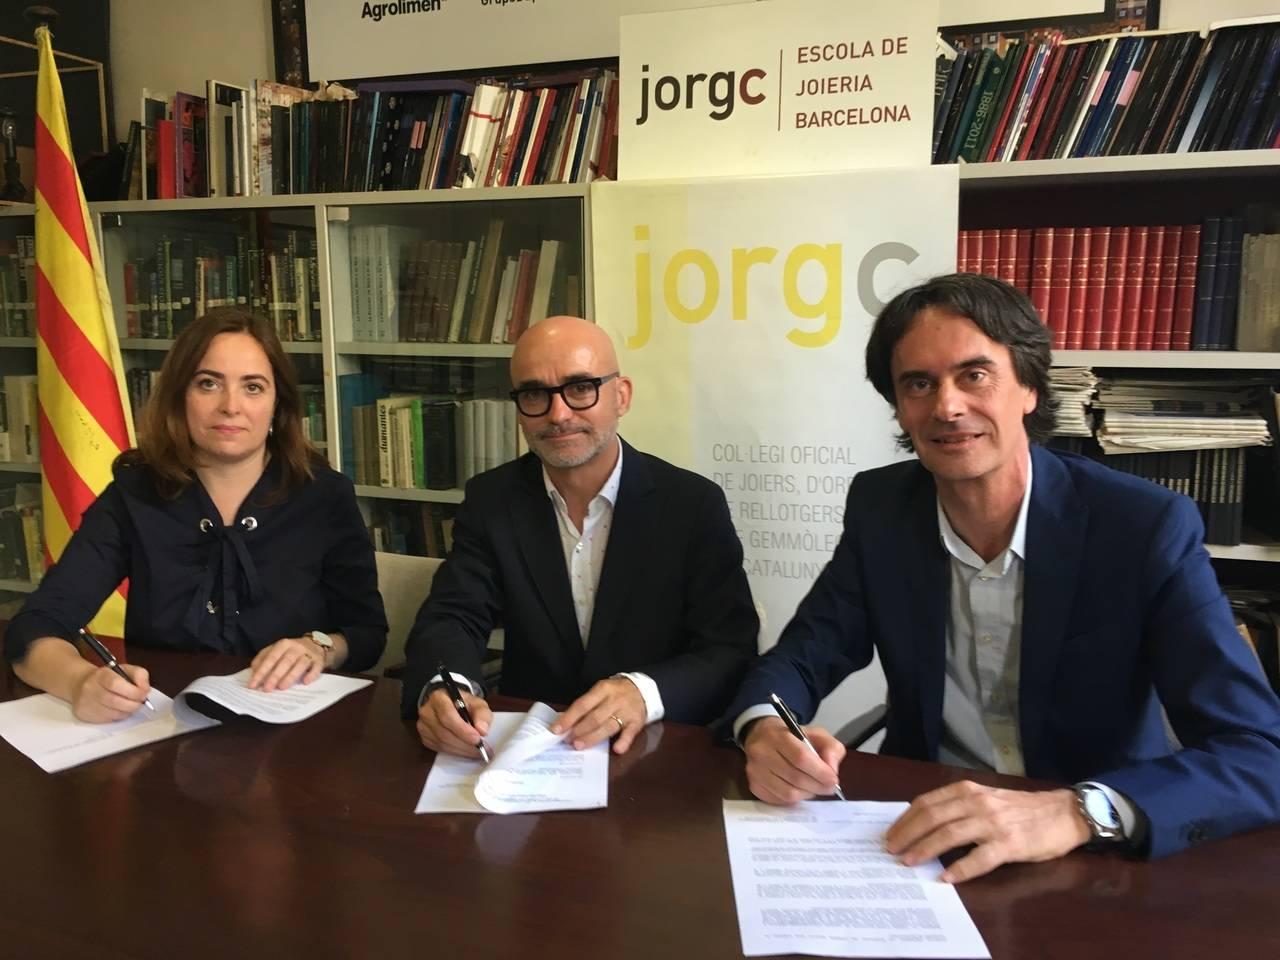 La joyería catalana sigue apostando por la digitalización